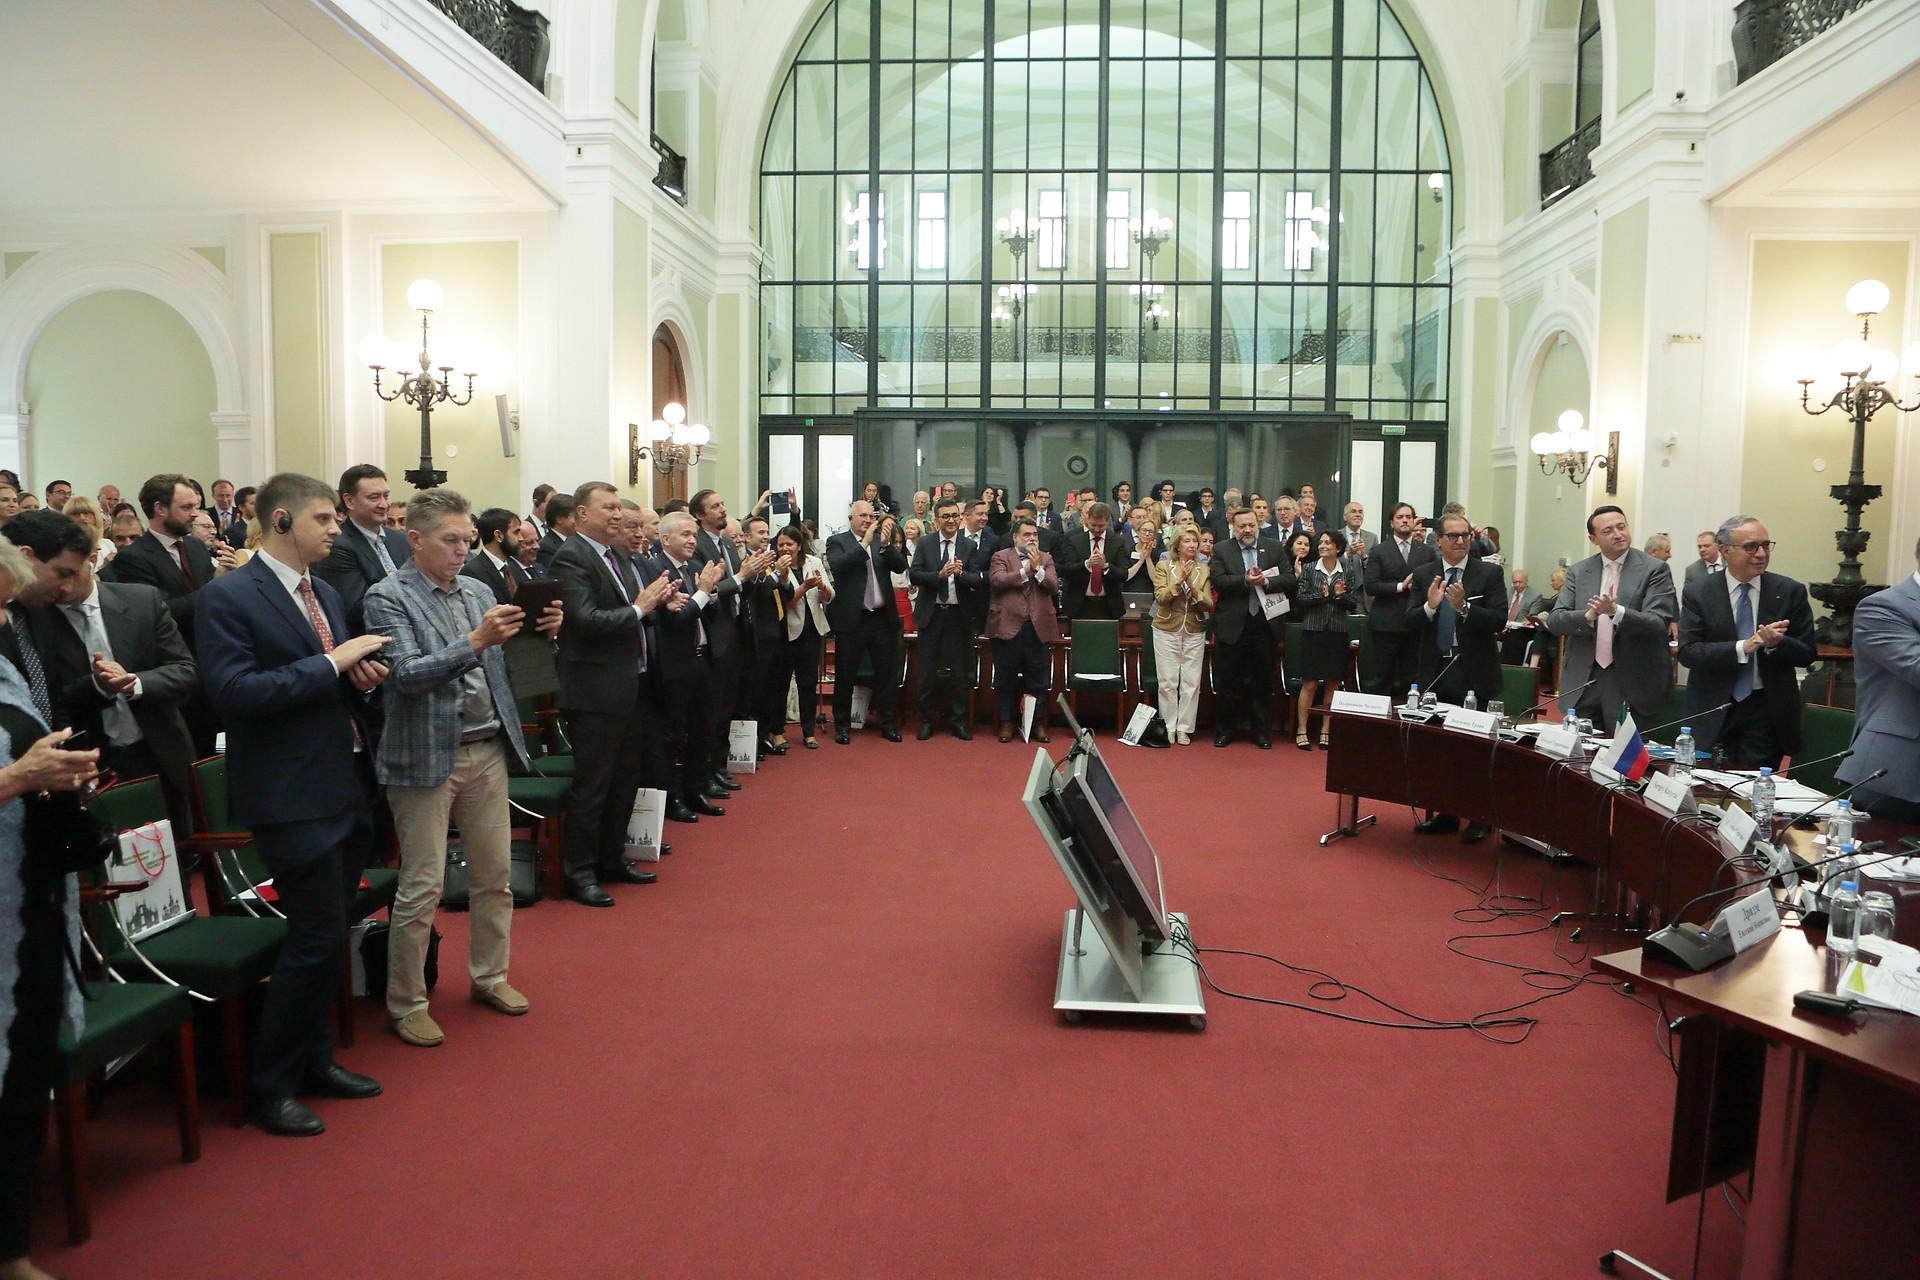 Applausi e standing ovation per salutare l'ex presidente della CCIR Rosario Alessandrello, che passa il testimone al neoeletto Vincenzo Trani